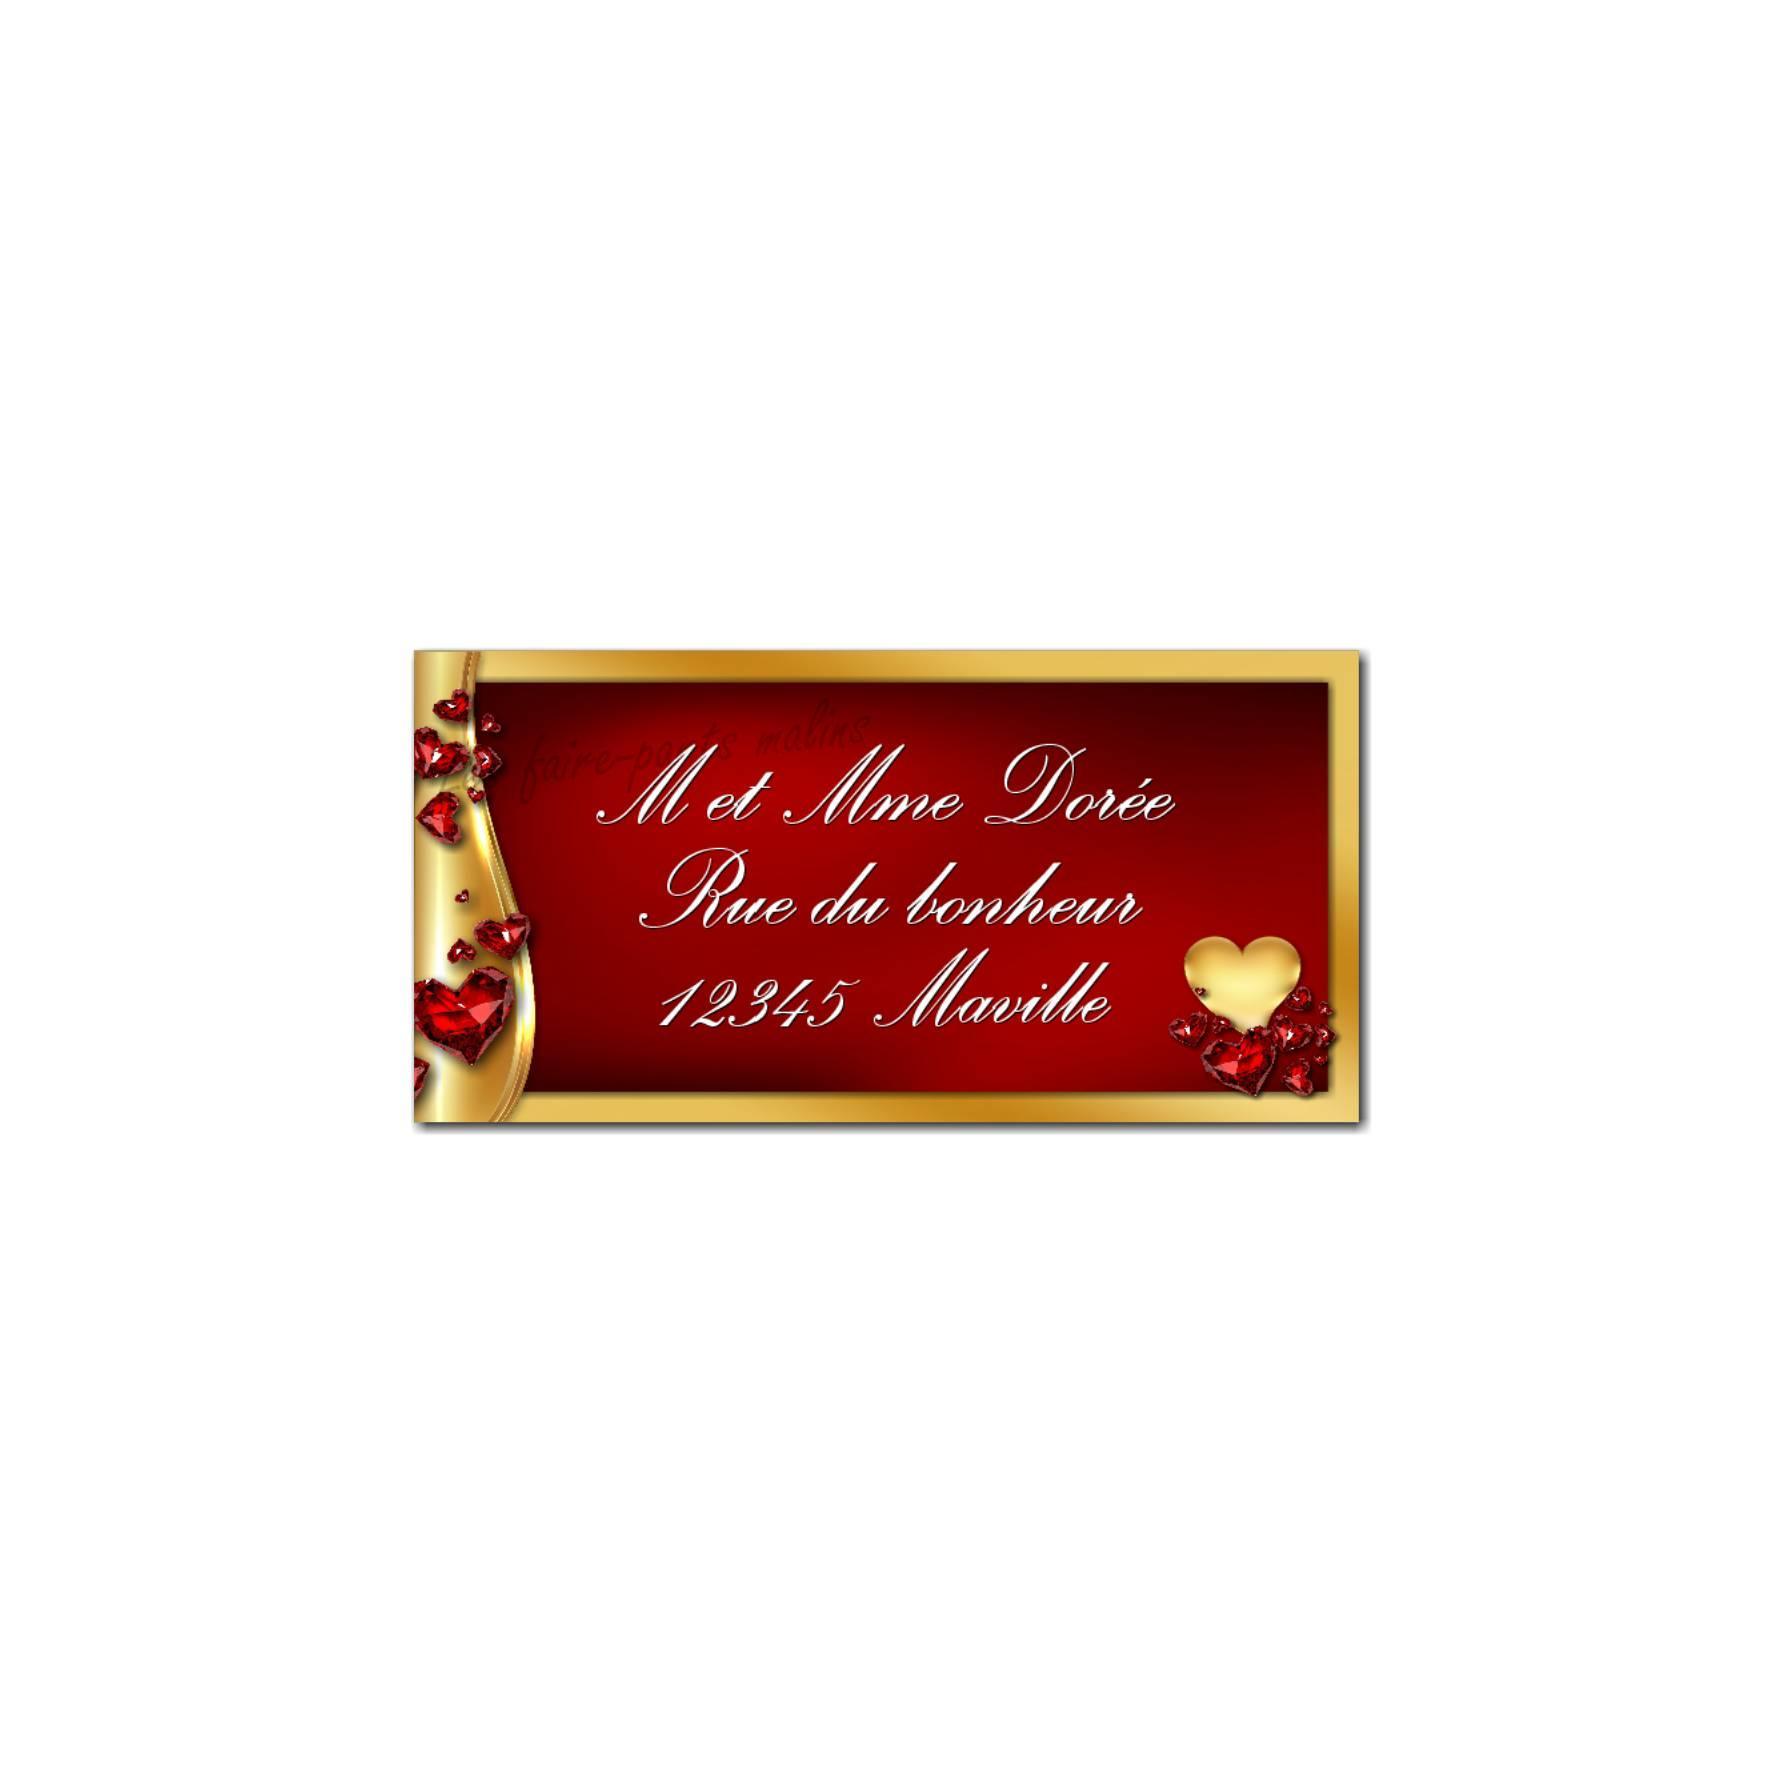 étiquette adresse or et rubis